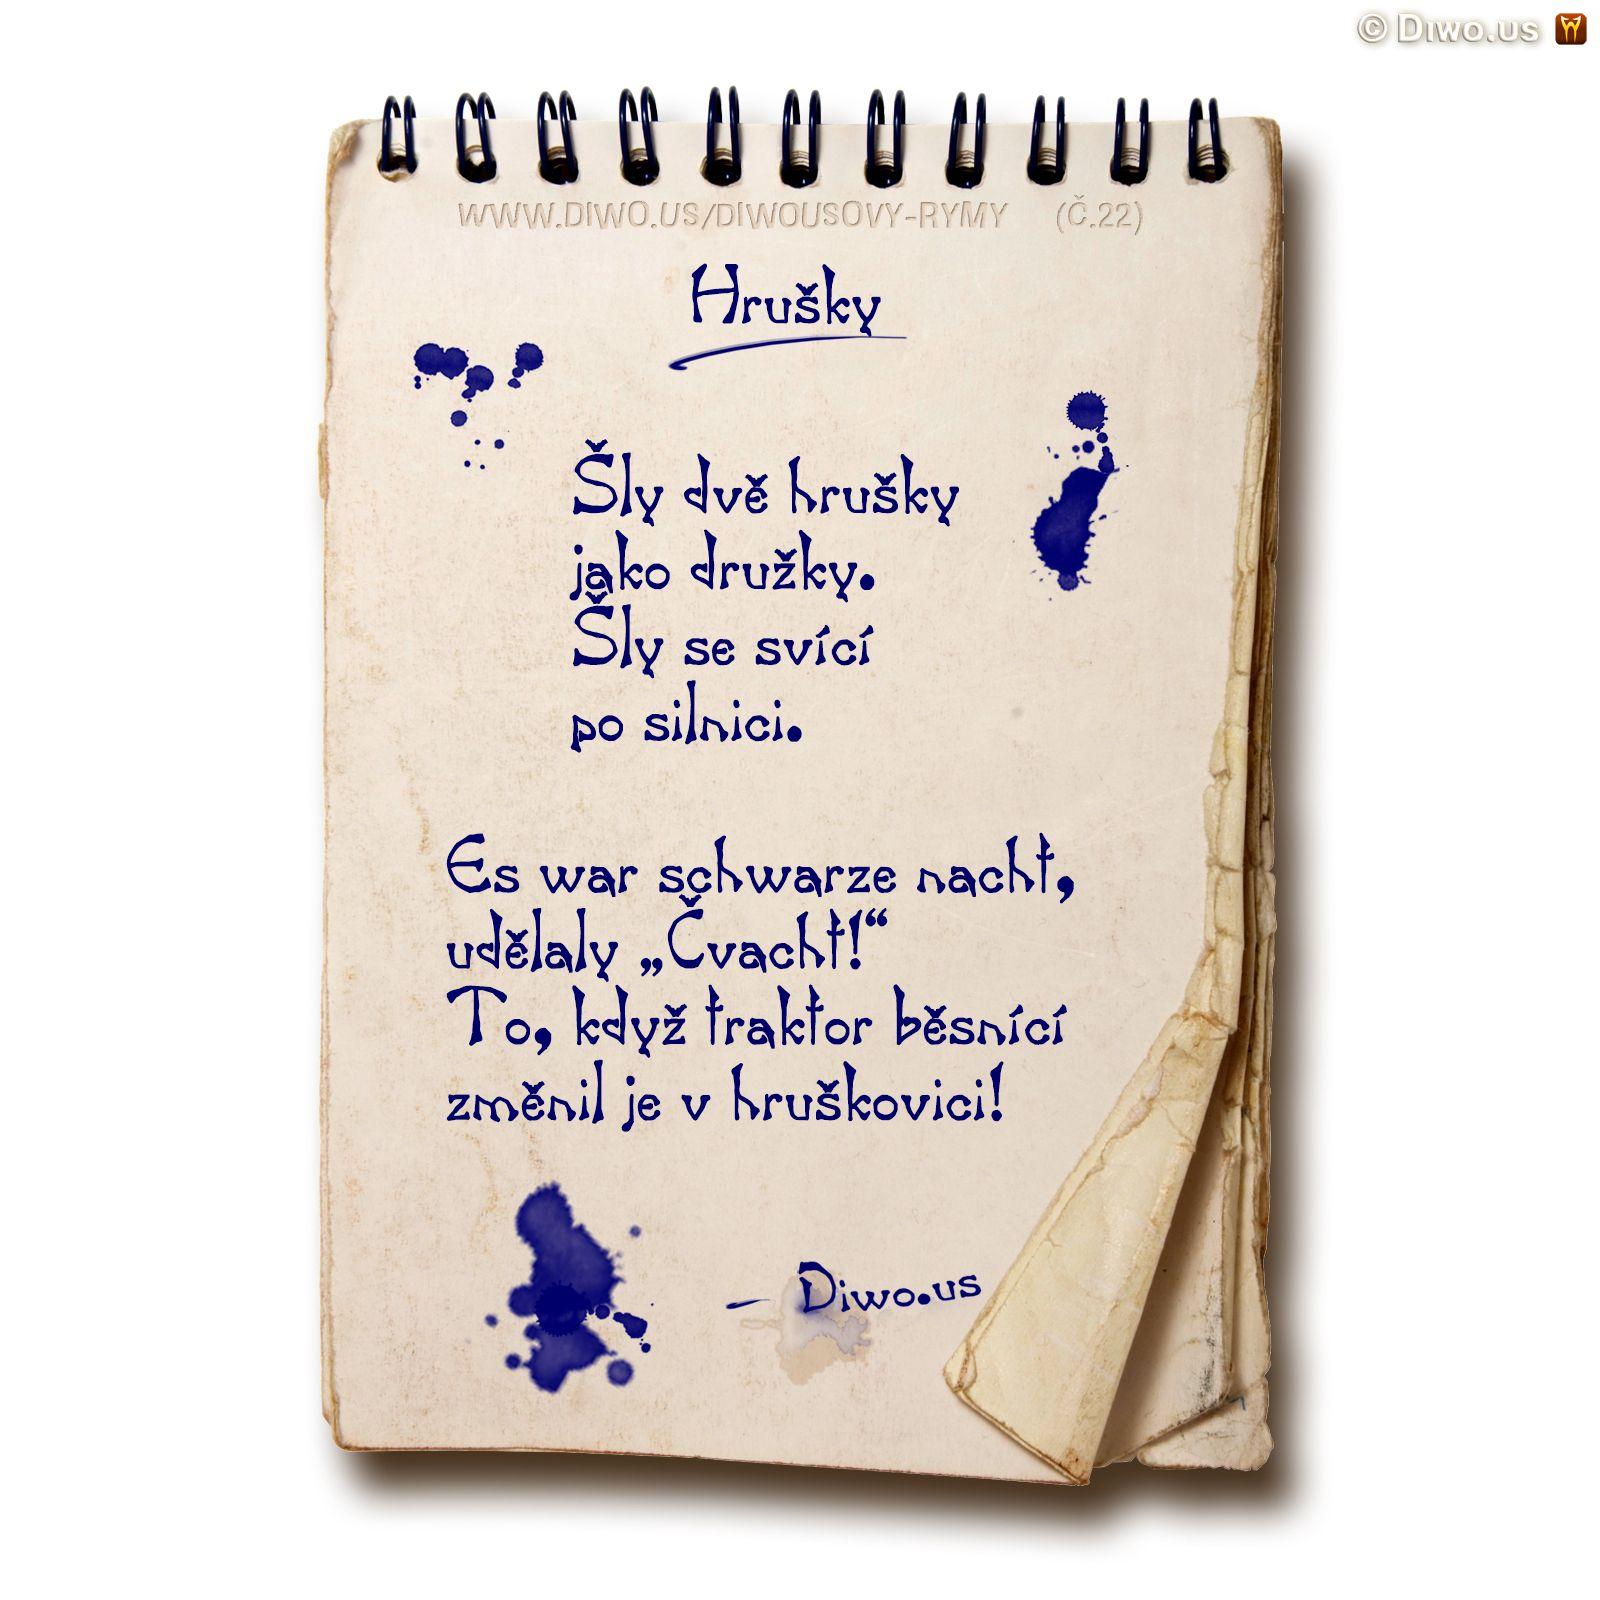 Diwous, Diwousovy Rýmy, č.22, Hrušky, básně, humorné básničky, legrace, parodie, říkanky, rýmovačky, satira, sranda, verše, veršovánky, žertovné, Šly dvě hrušky, družky, svíce, silnice, černá tmavá noc, čvacht, traktor, hruškovice, pálenka